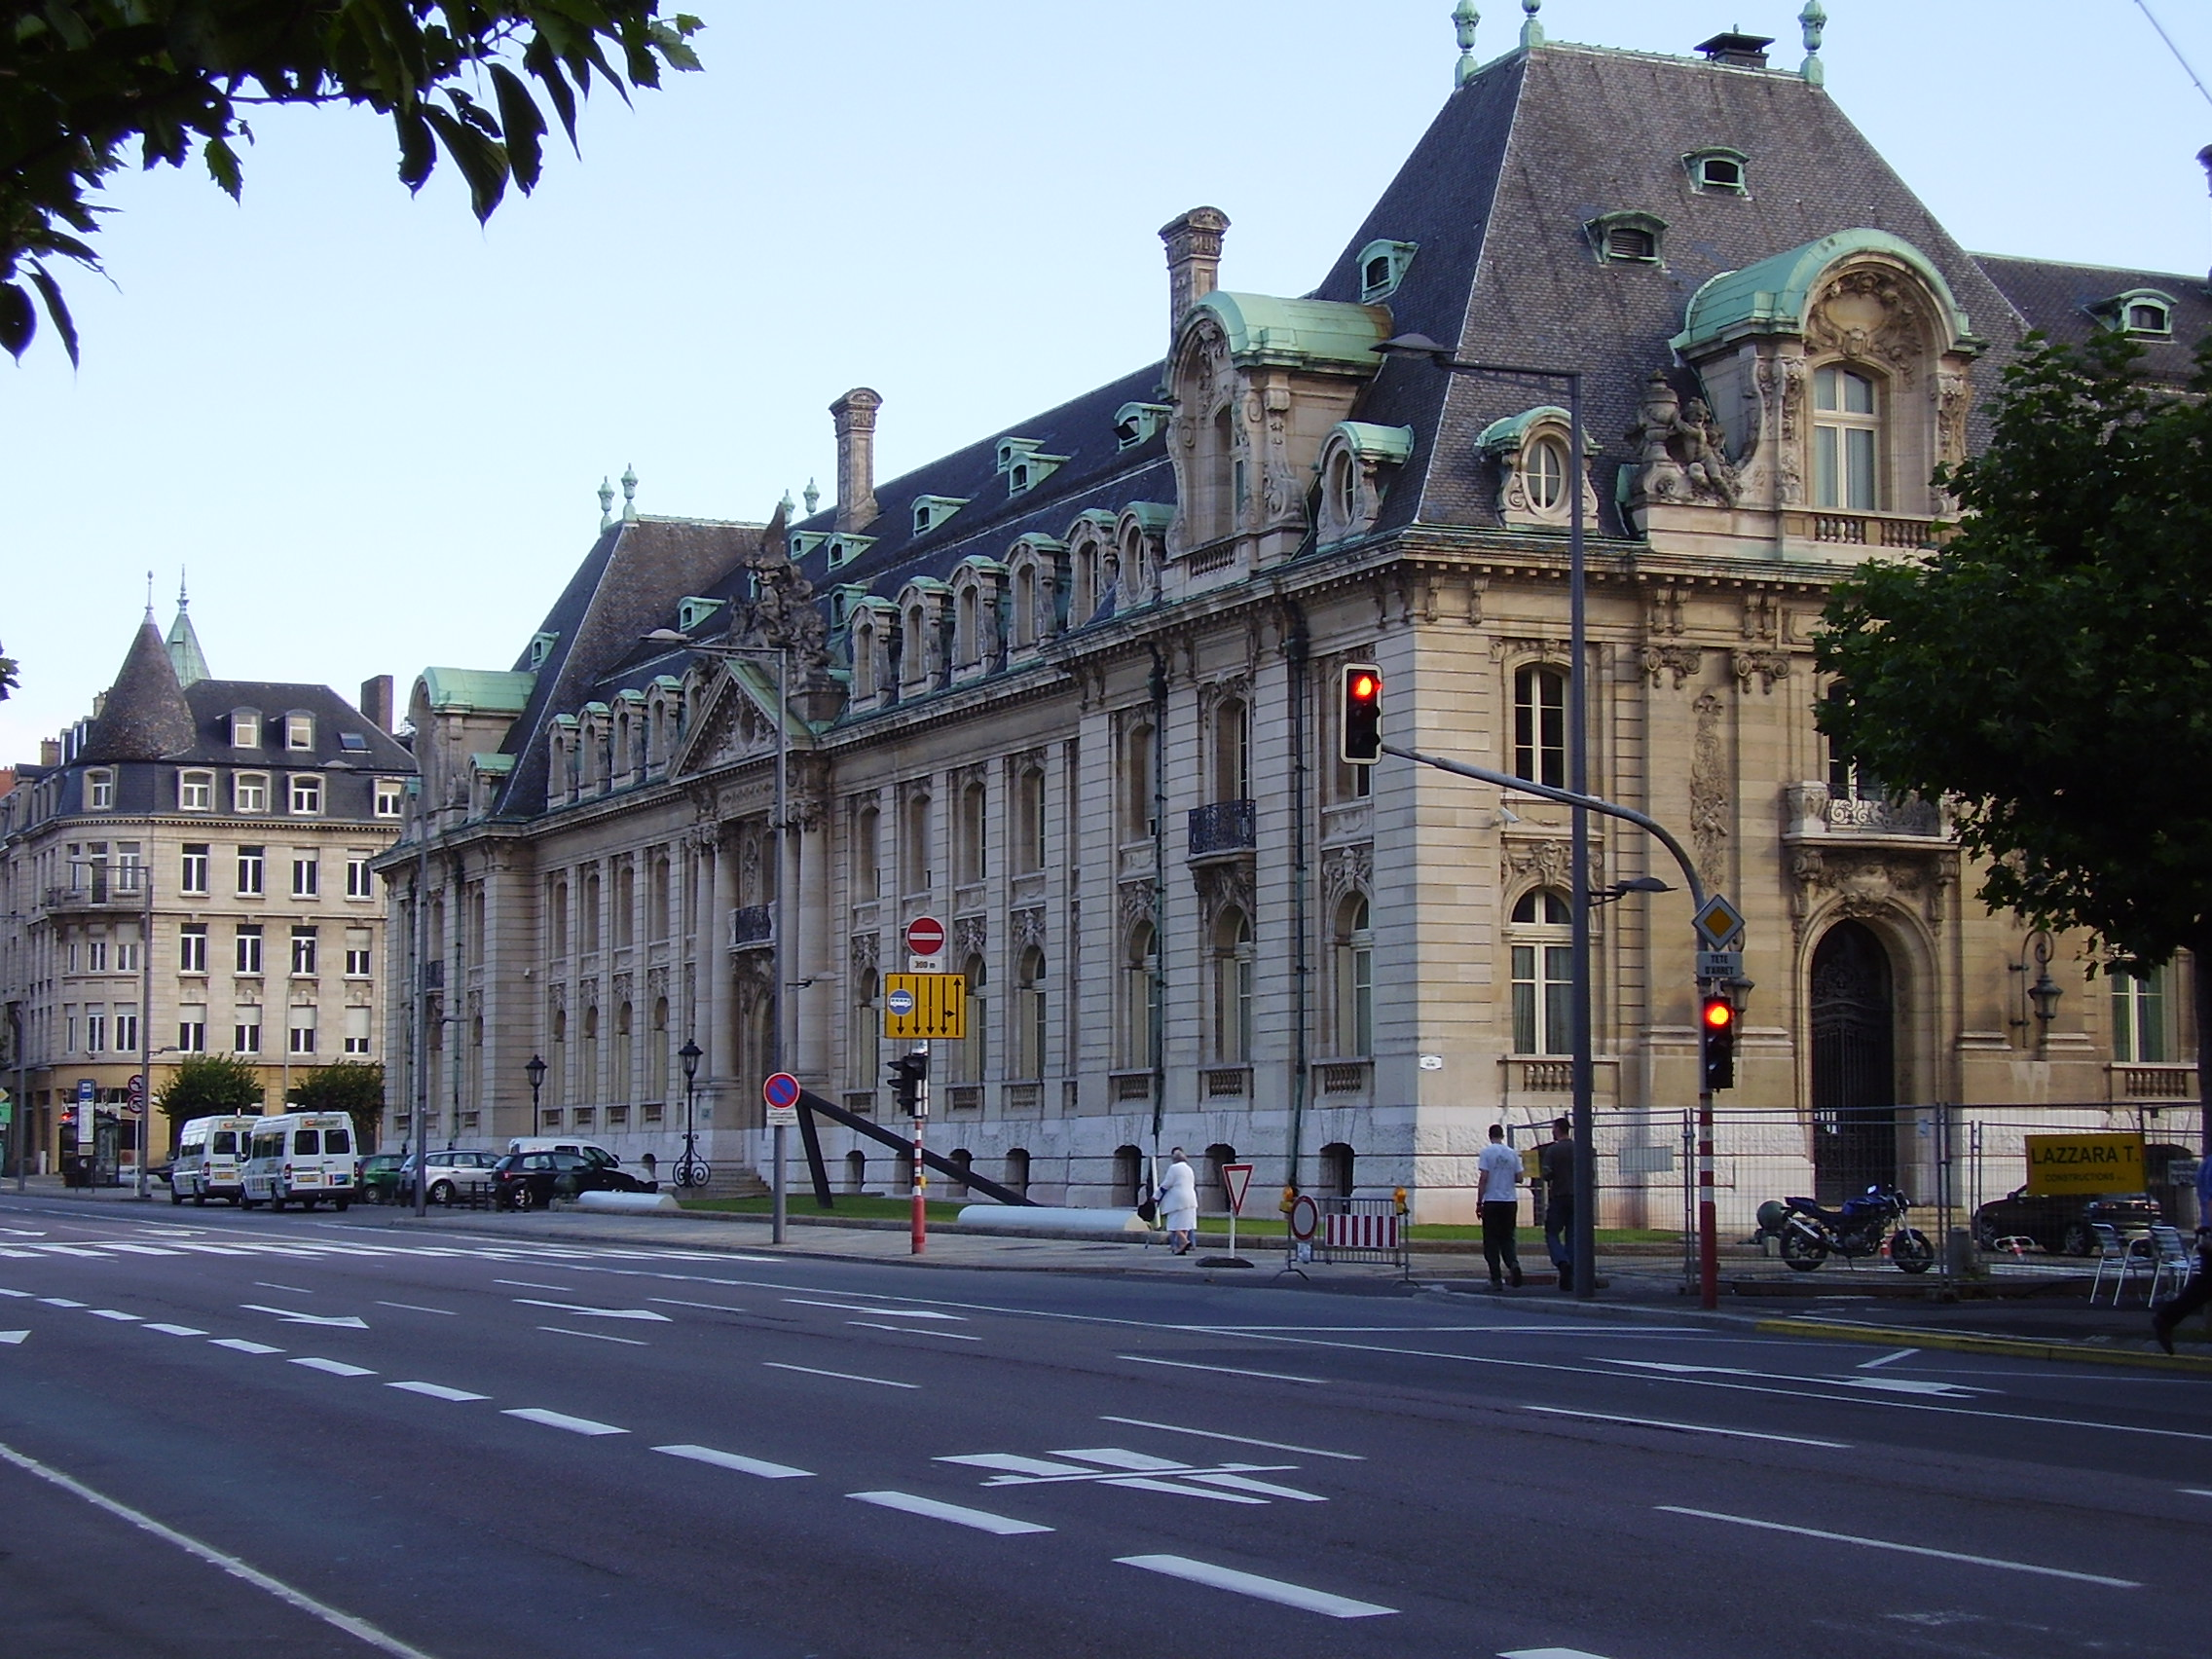 Architekt Luxemburg architekt luxemburg in venedig luxemburg zum fnften mal vertreten